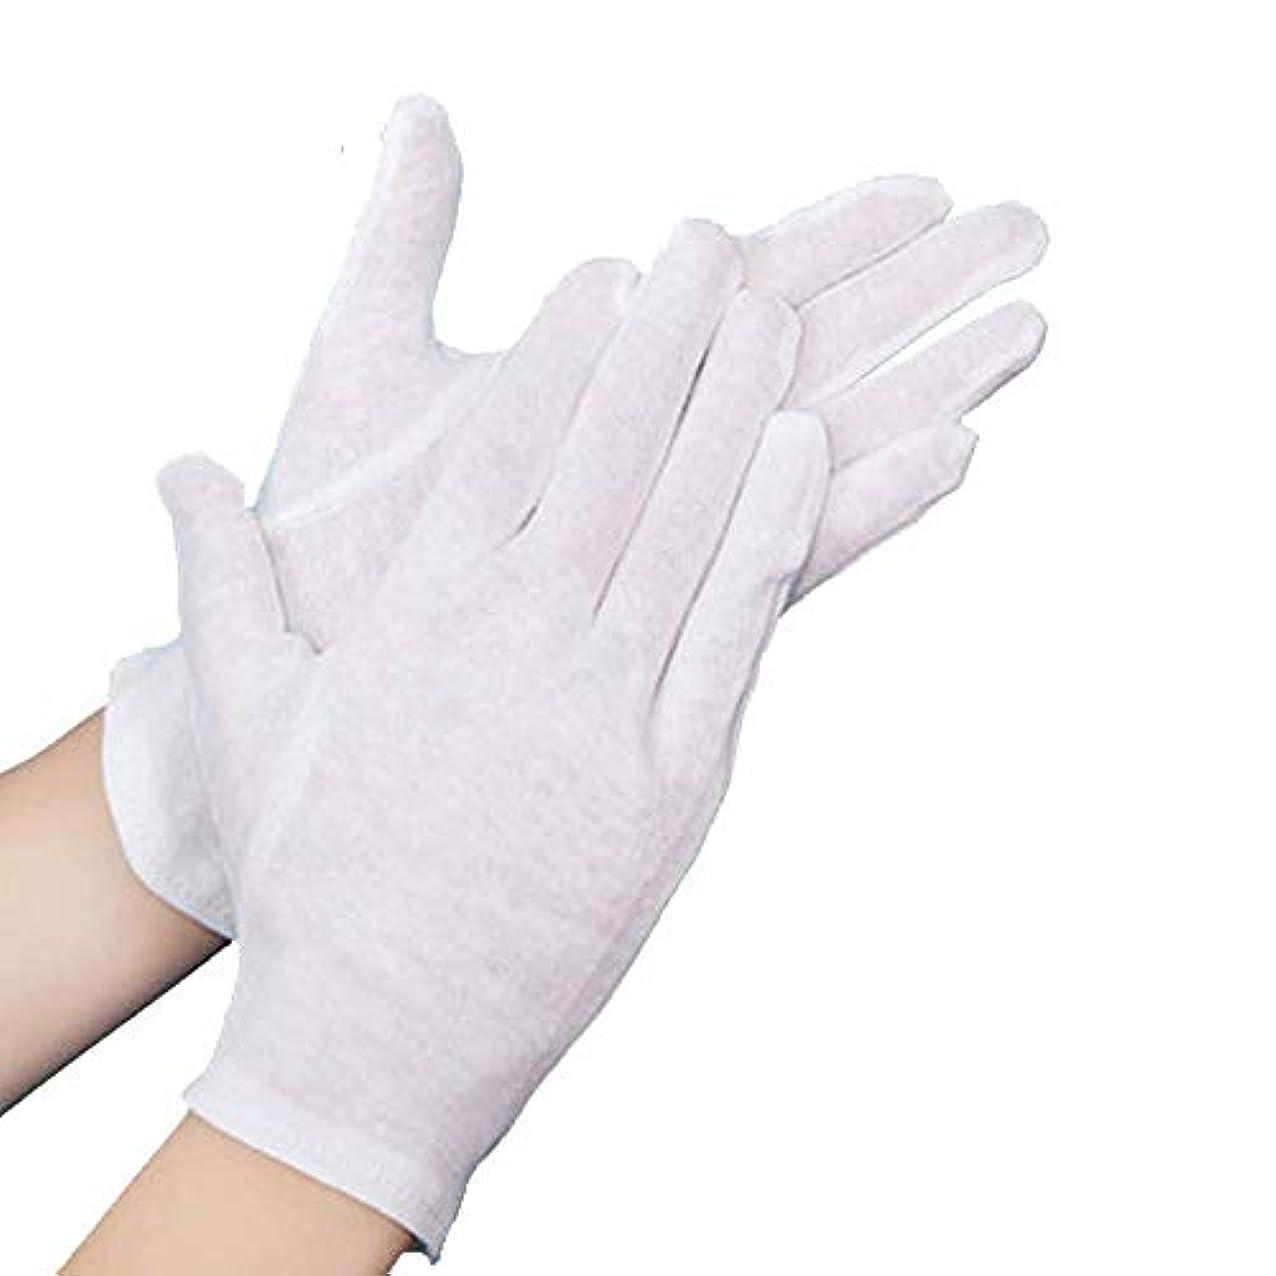 遺跡ブレーク第二綿手袋 純綿100% 通気性 コットン手袋 10双組 M